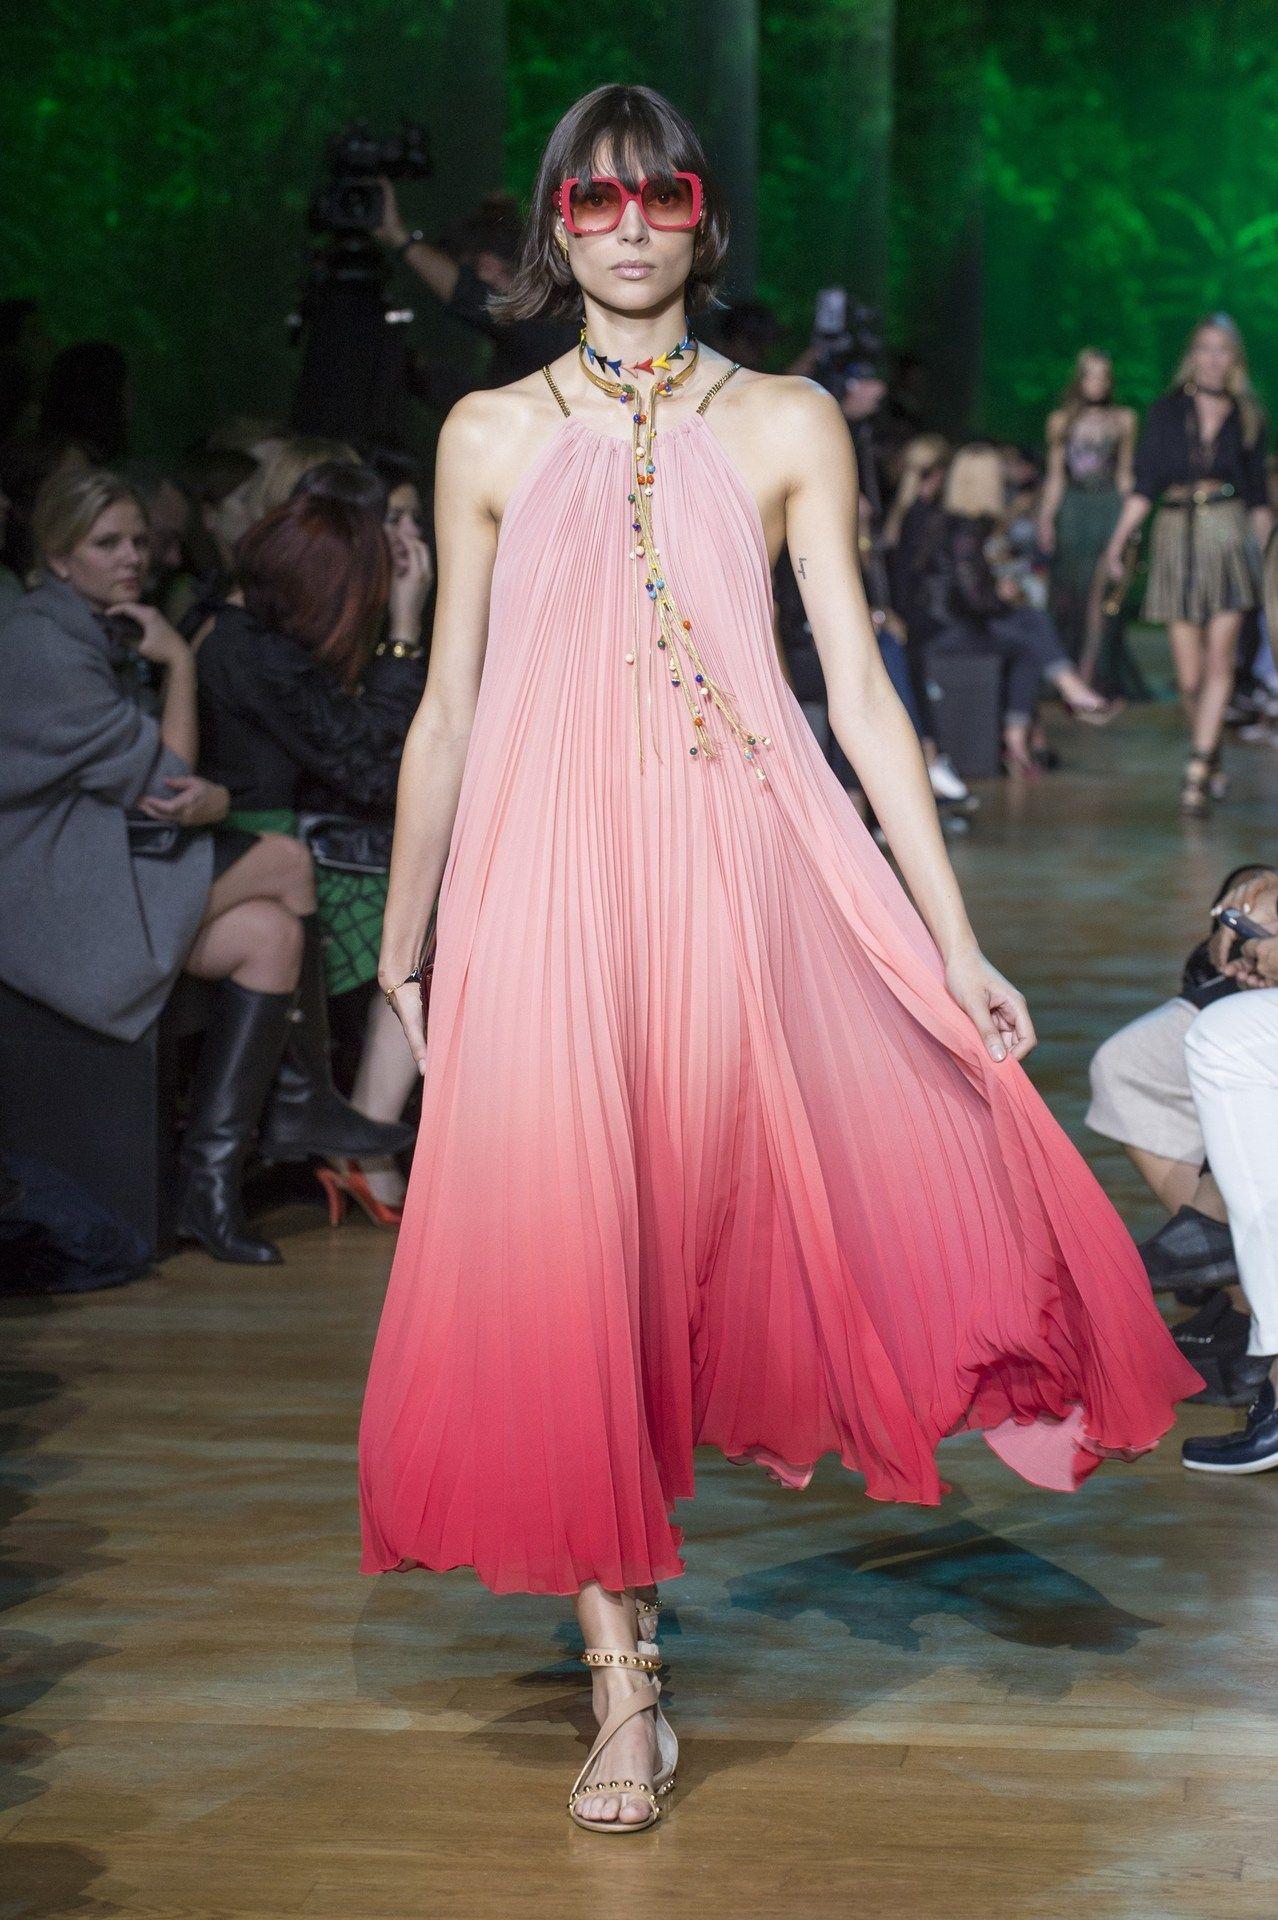 Pin de Models and Fashion en Charlee Fraser | Pinterest